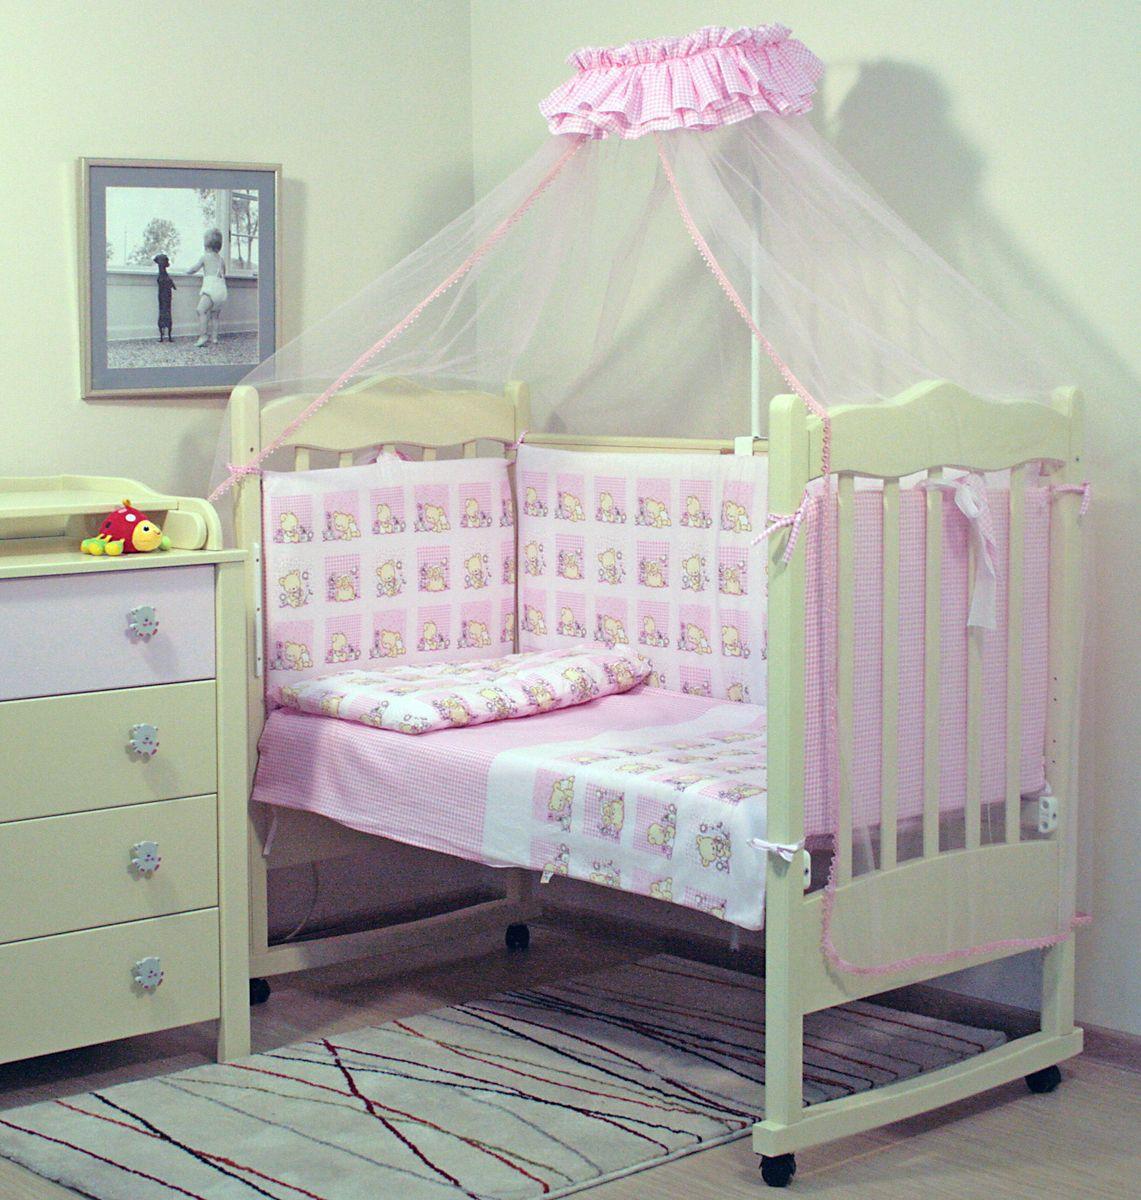 Топотушки Комплект детского постельного белья Мишутка цвет розовый 7 предметов4630008873823Комплект постельного белья из 7 предметов включает все необходимые элементы для детской кроватки. Комплект создает для Вашего ребенка уют, комфорт и безопасную среду с рождения; современный дизайн и цветовые сочетания помогают ребенку адаптироваться в новом для него мире. Комплекты «Топотушки» хорошо вписываются в интерьер как детской комнаты, так и спальни родителей. Как и все изделия «Топотушки» данный комплект отражает самые последние технологии, является безопасным для малыша и экологичным. Российское происхождение комплекта гарантирует стабильно высокое качество, соответствие актуальным пожеланиям потребителей, конкурентоспособную цену. Балдахин 3м (сетка); охранный бампер 360х50см. (из 4-х частей, наполнитель – холлофайбер); подушка 40х60см. (наполнитель – холлофайбер); одеяло 140х110см. (наполнитель – холлофайбер); наволочка 40х60см; пододеяльник 147х112см; простынь на резинке 120х60см